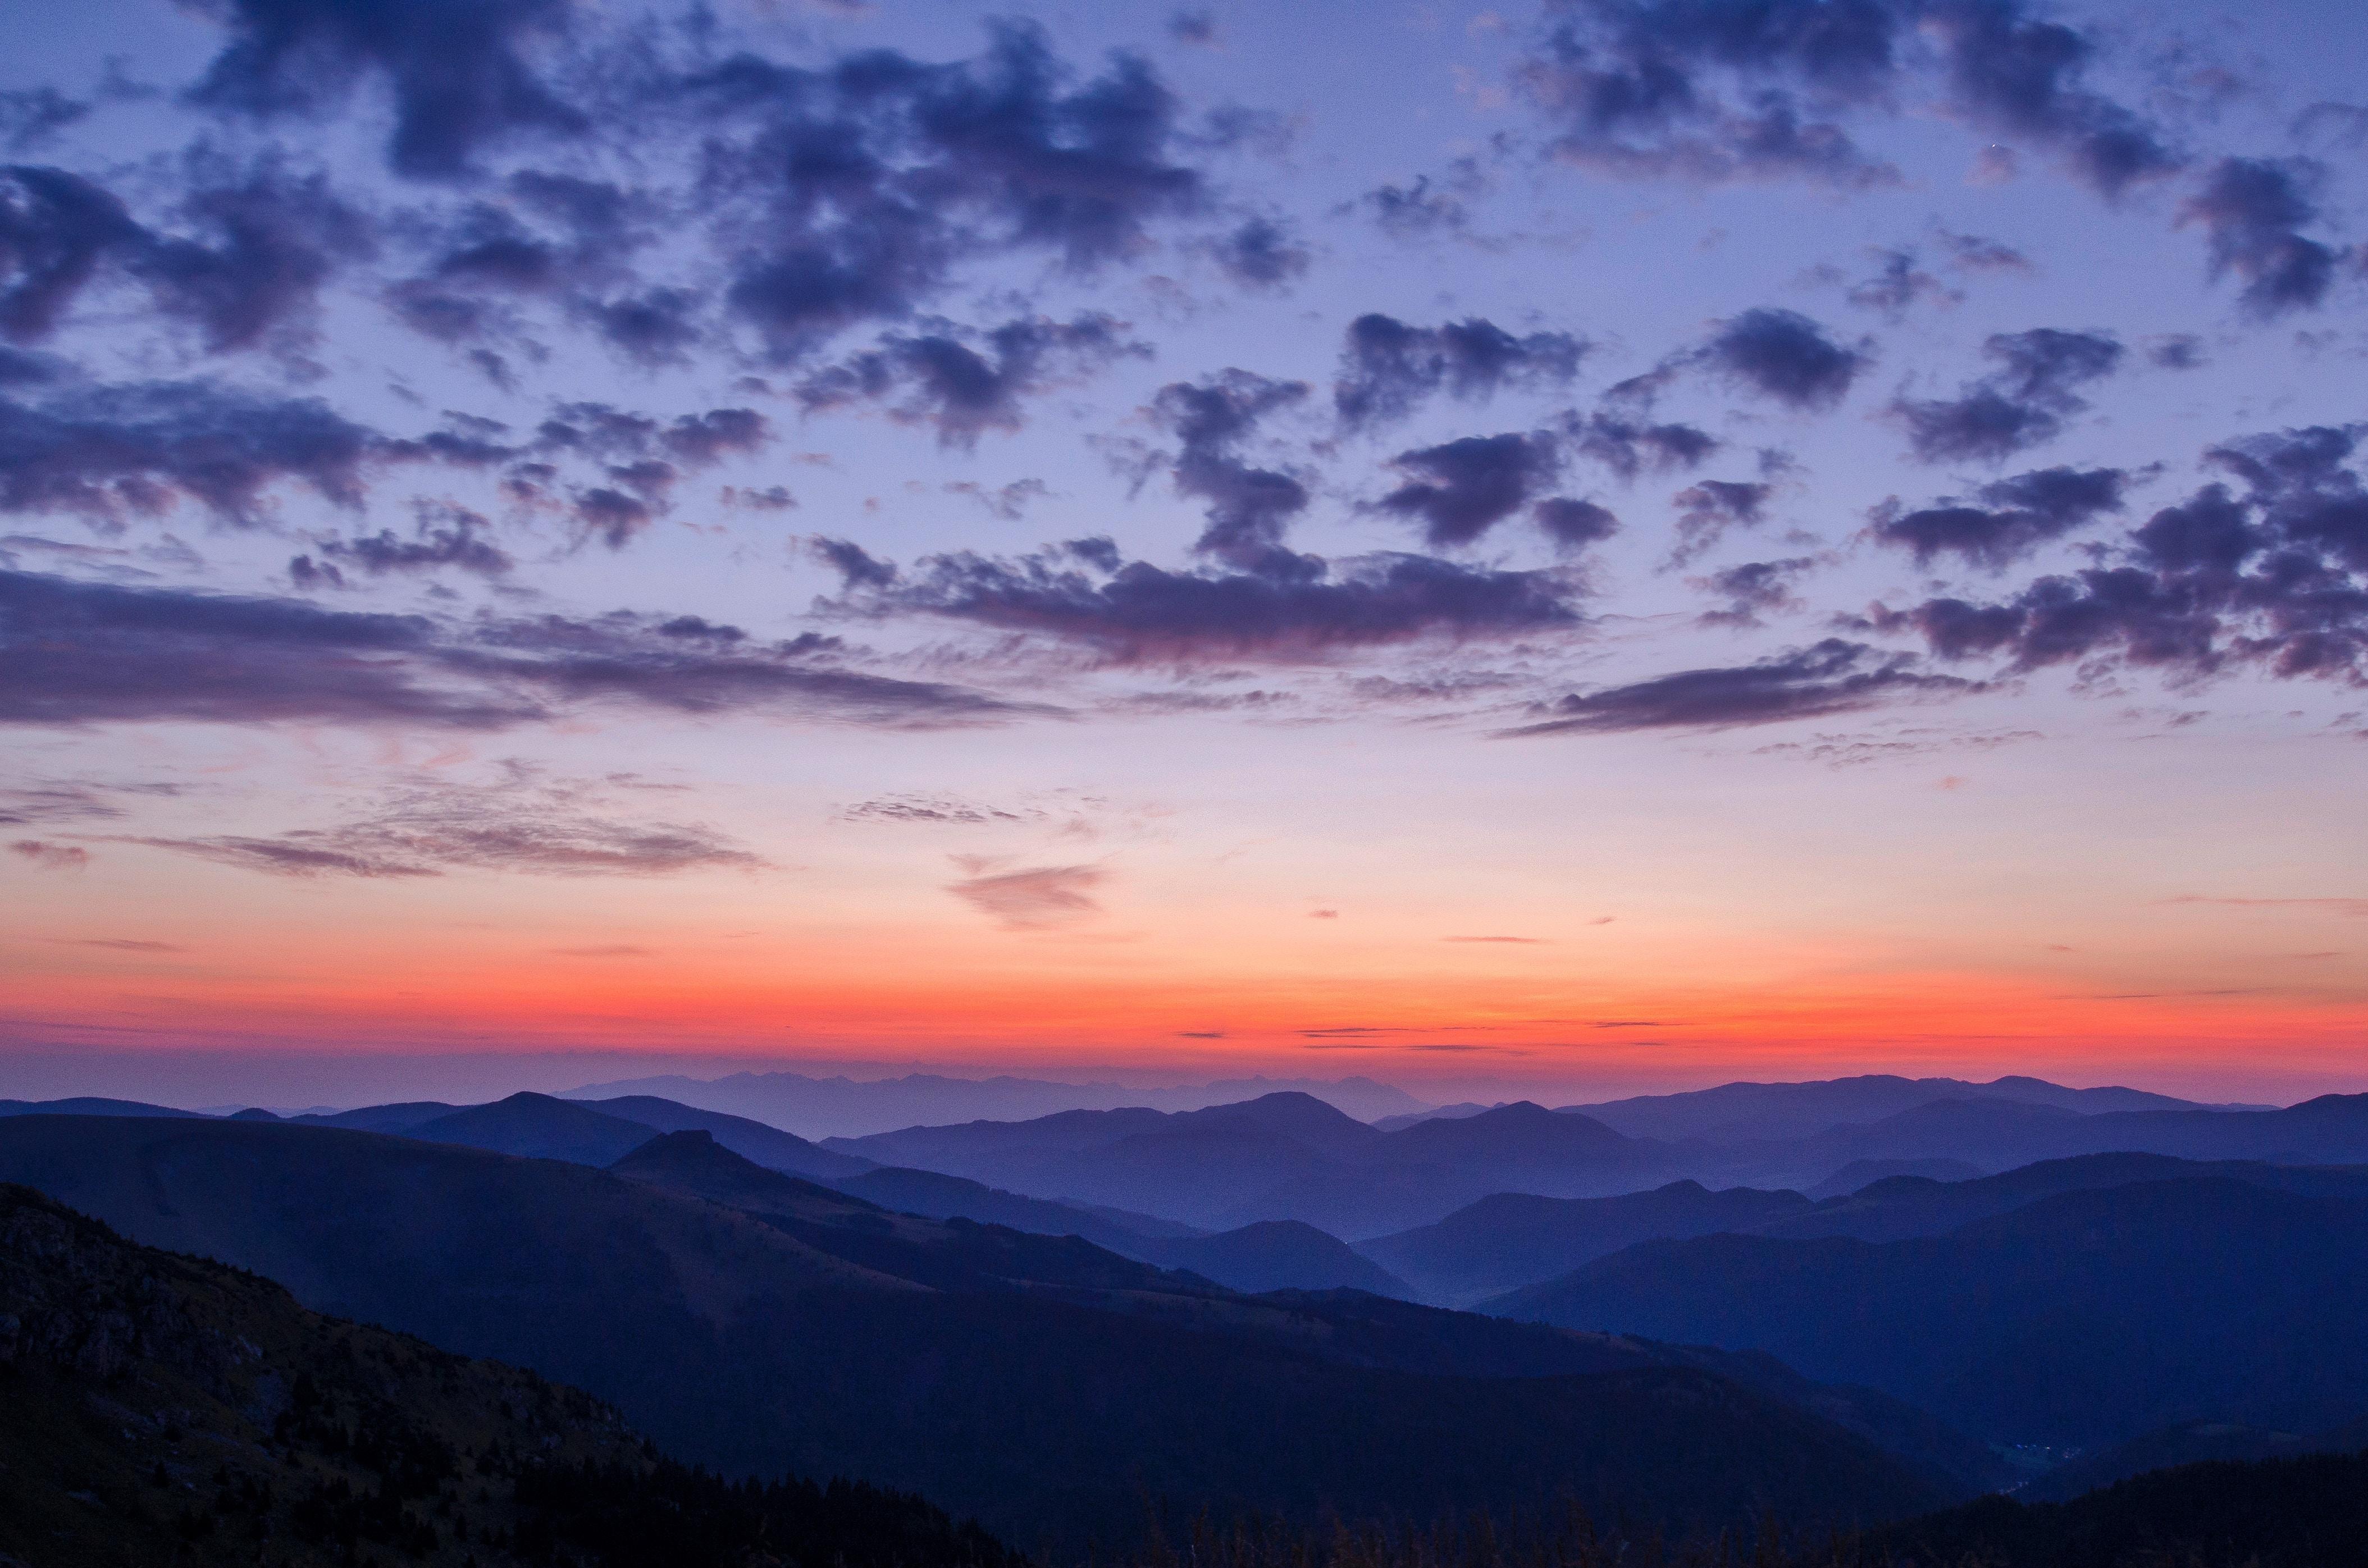 125094 descargar fondo de pantalla Naturaleza, Cielo, Horizonte, Nubes, Montañas: protectores de pantalla e imágenes gratis